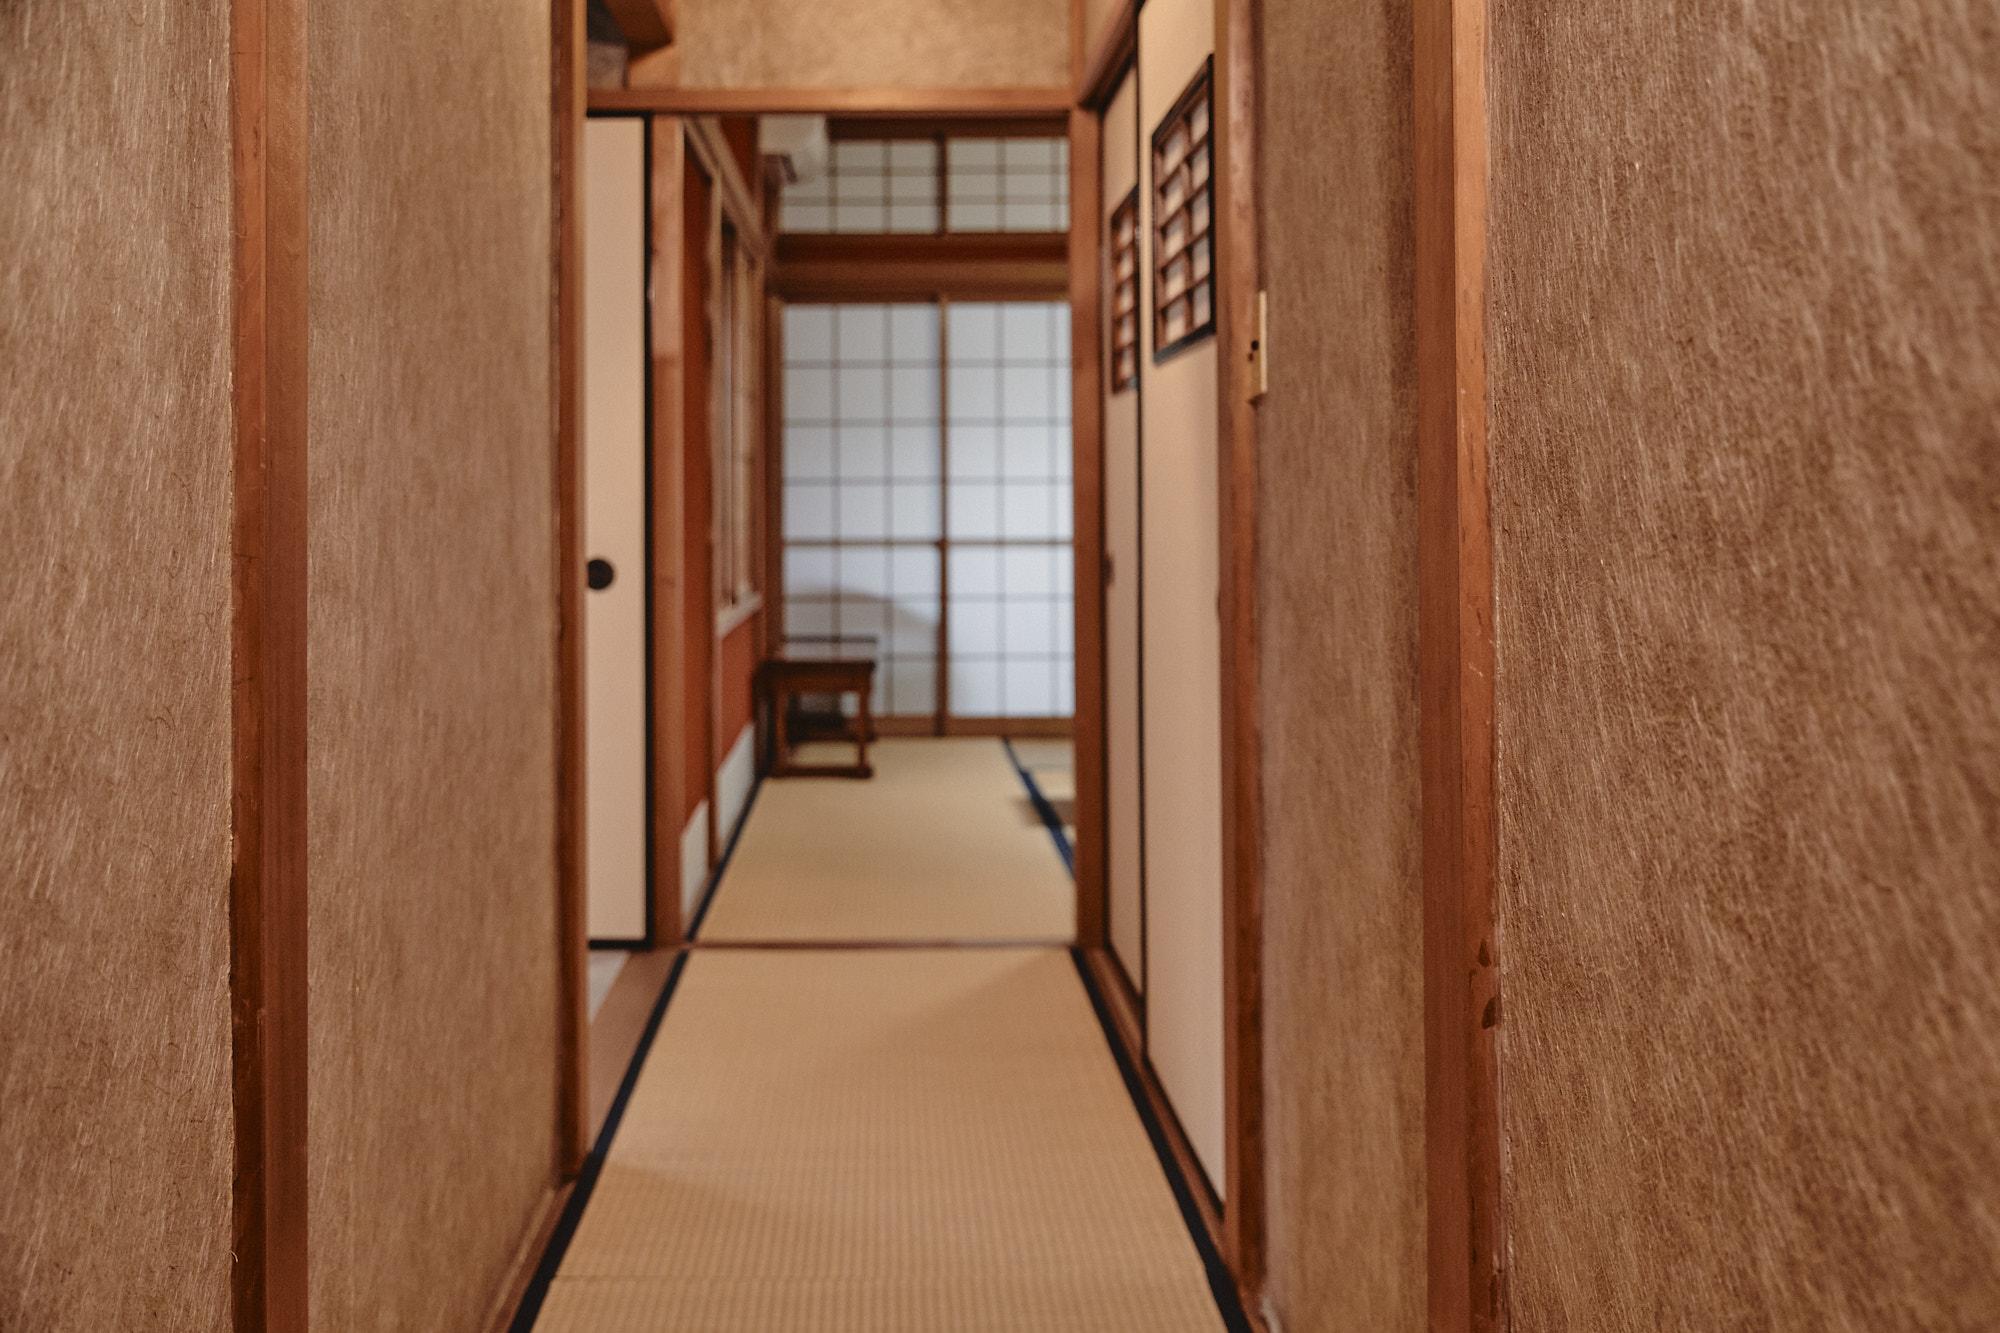 Asakura washi renovation